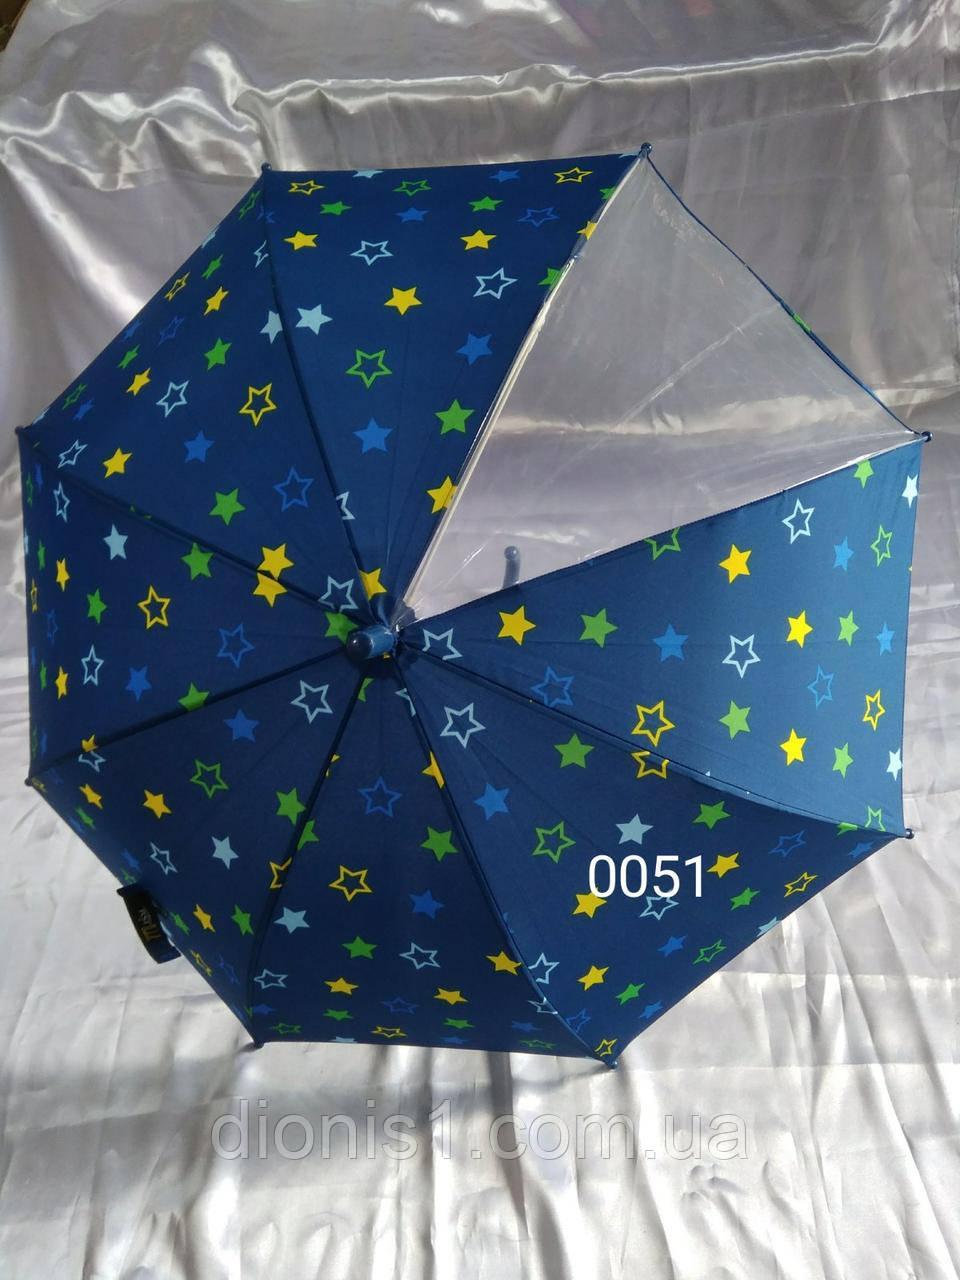 Детский зонтик звезды, лапки